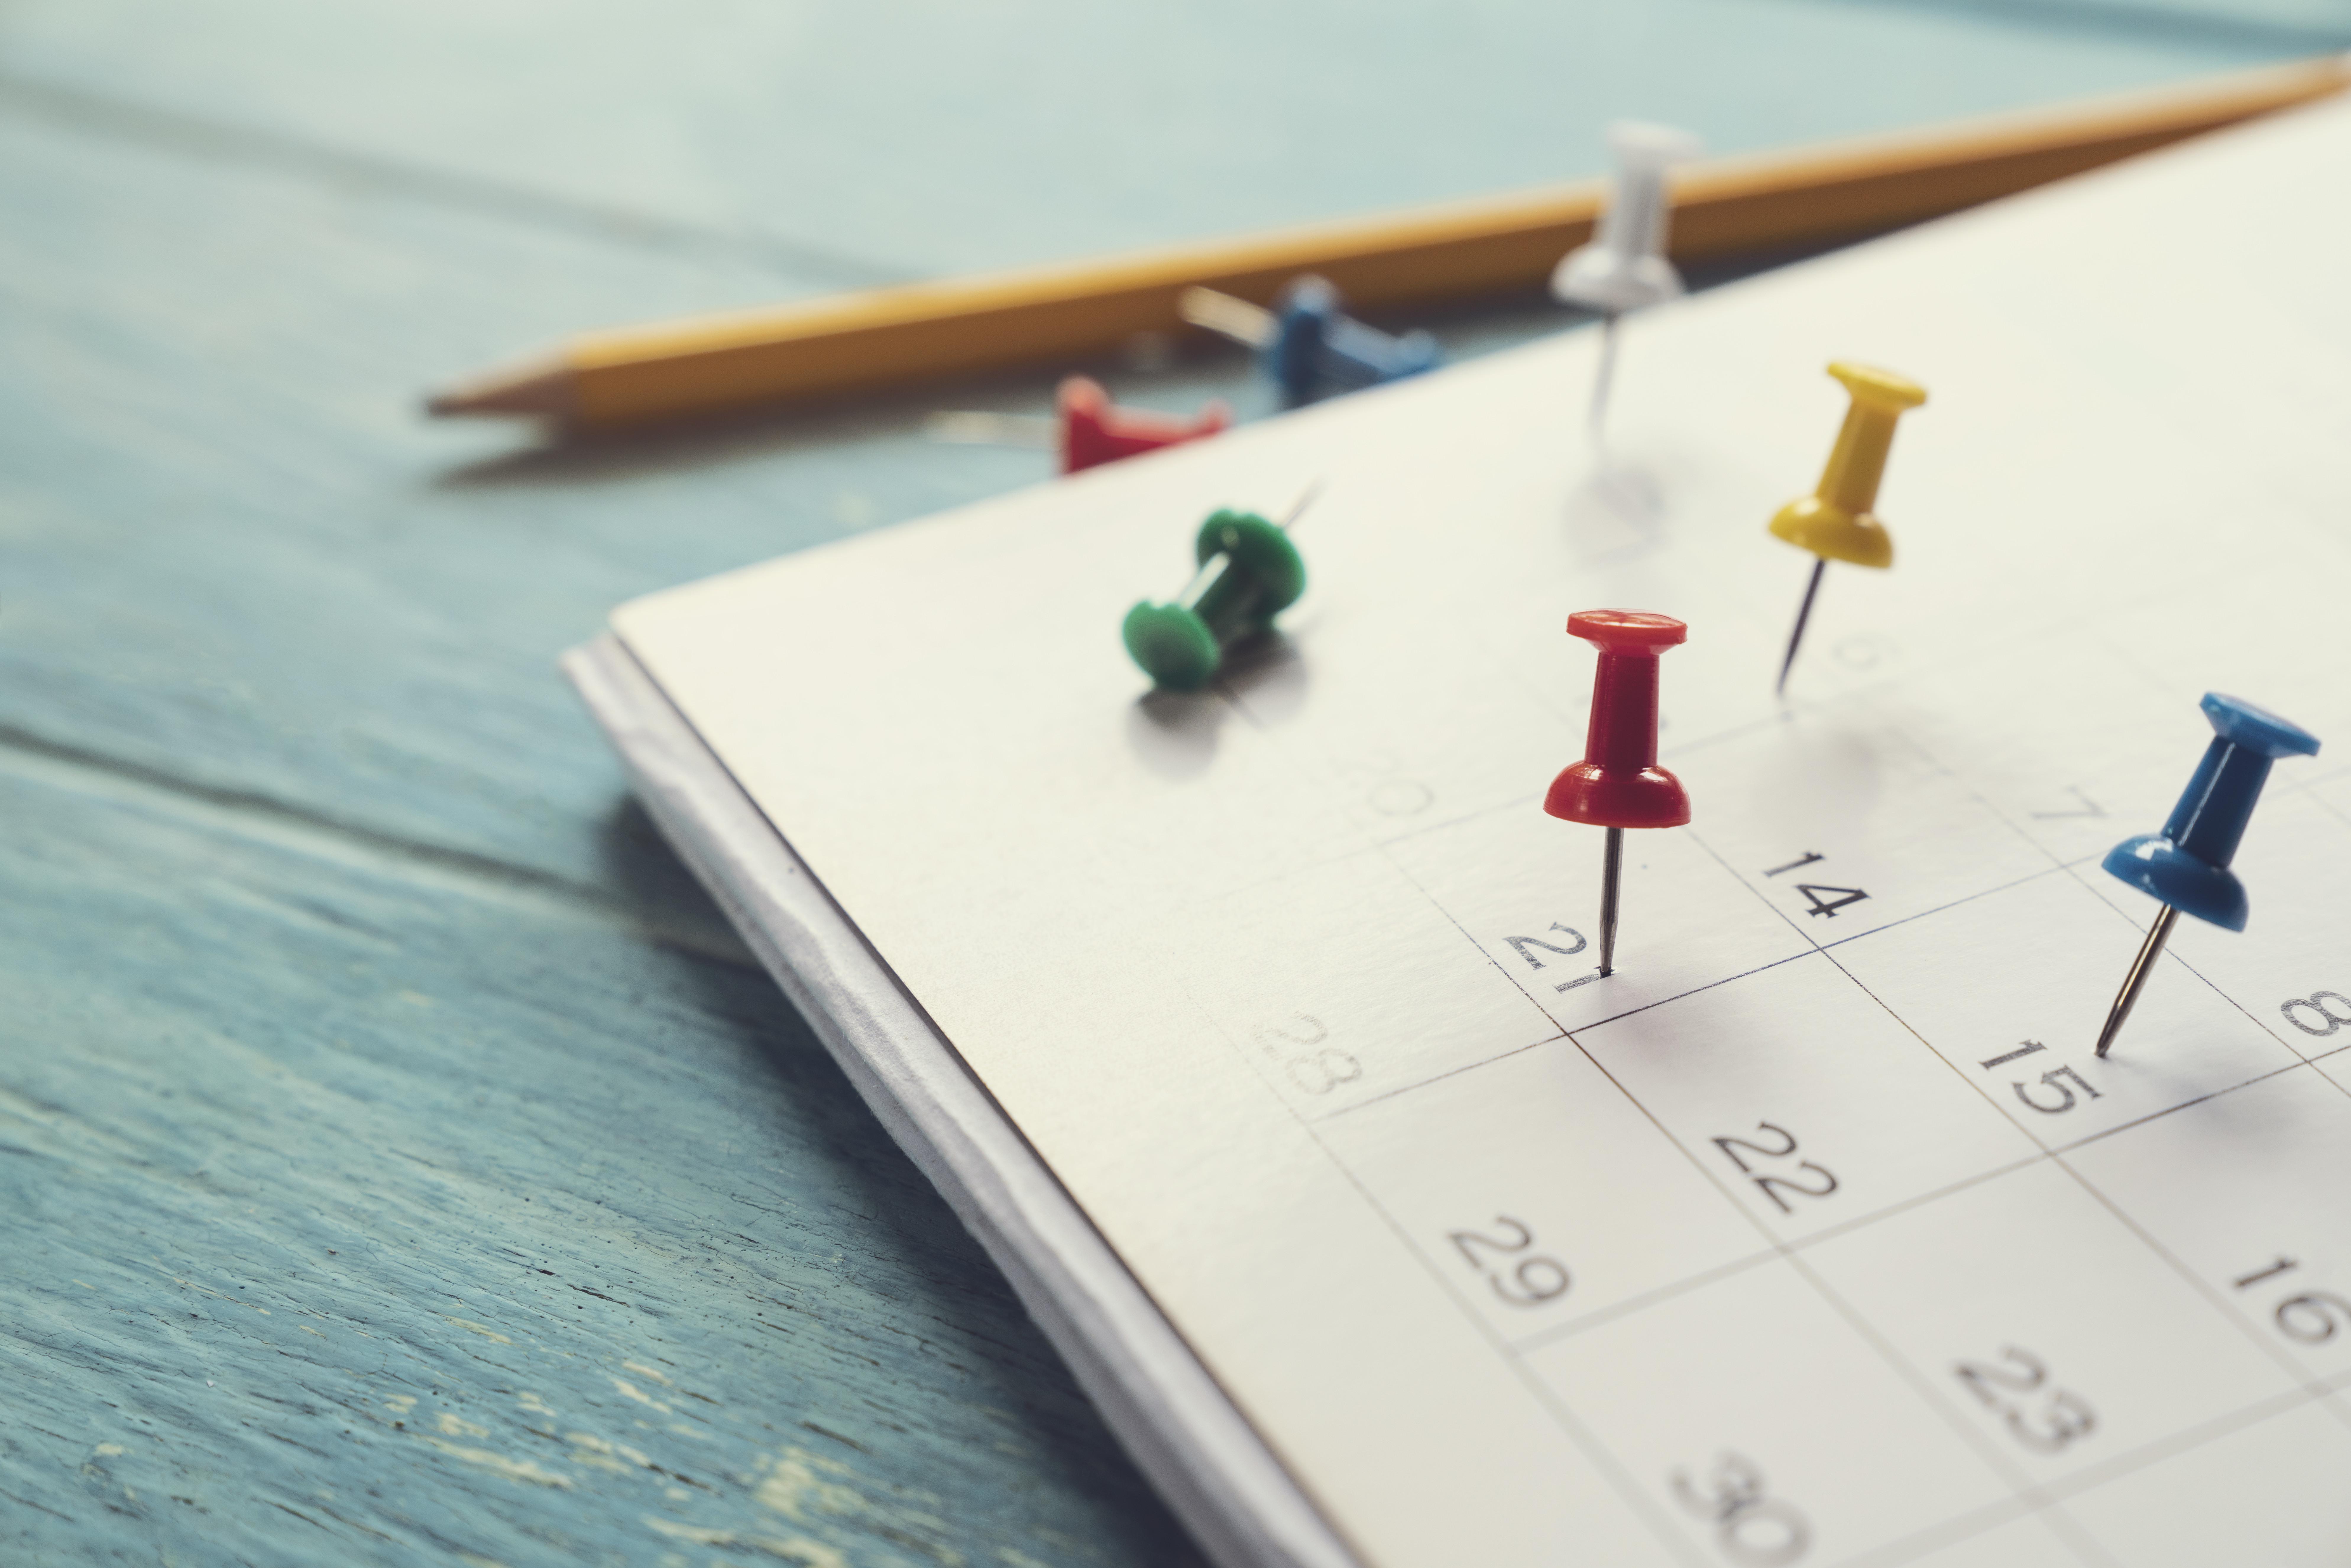 Tome nota: Quatro coisas que deve saber para começar o seu dia